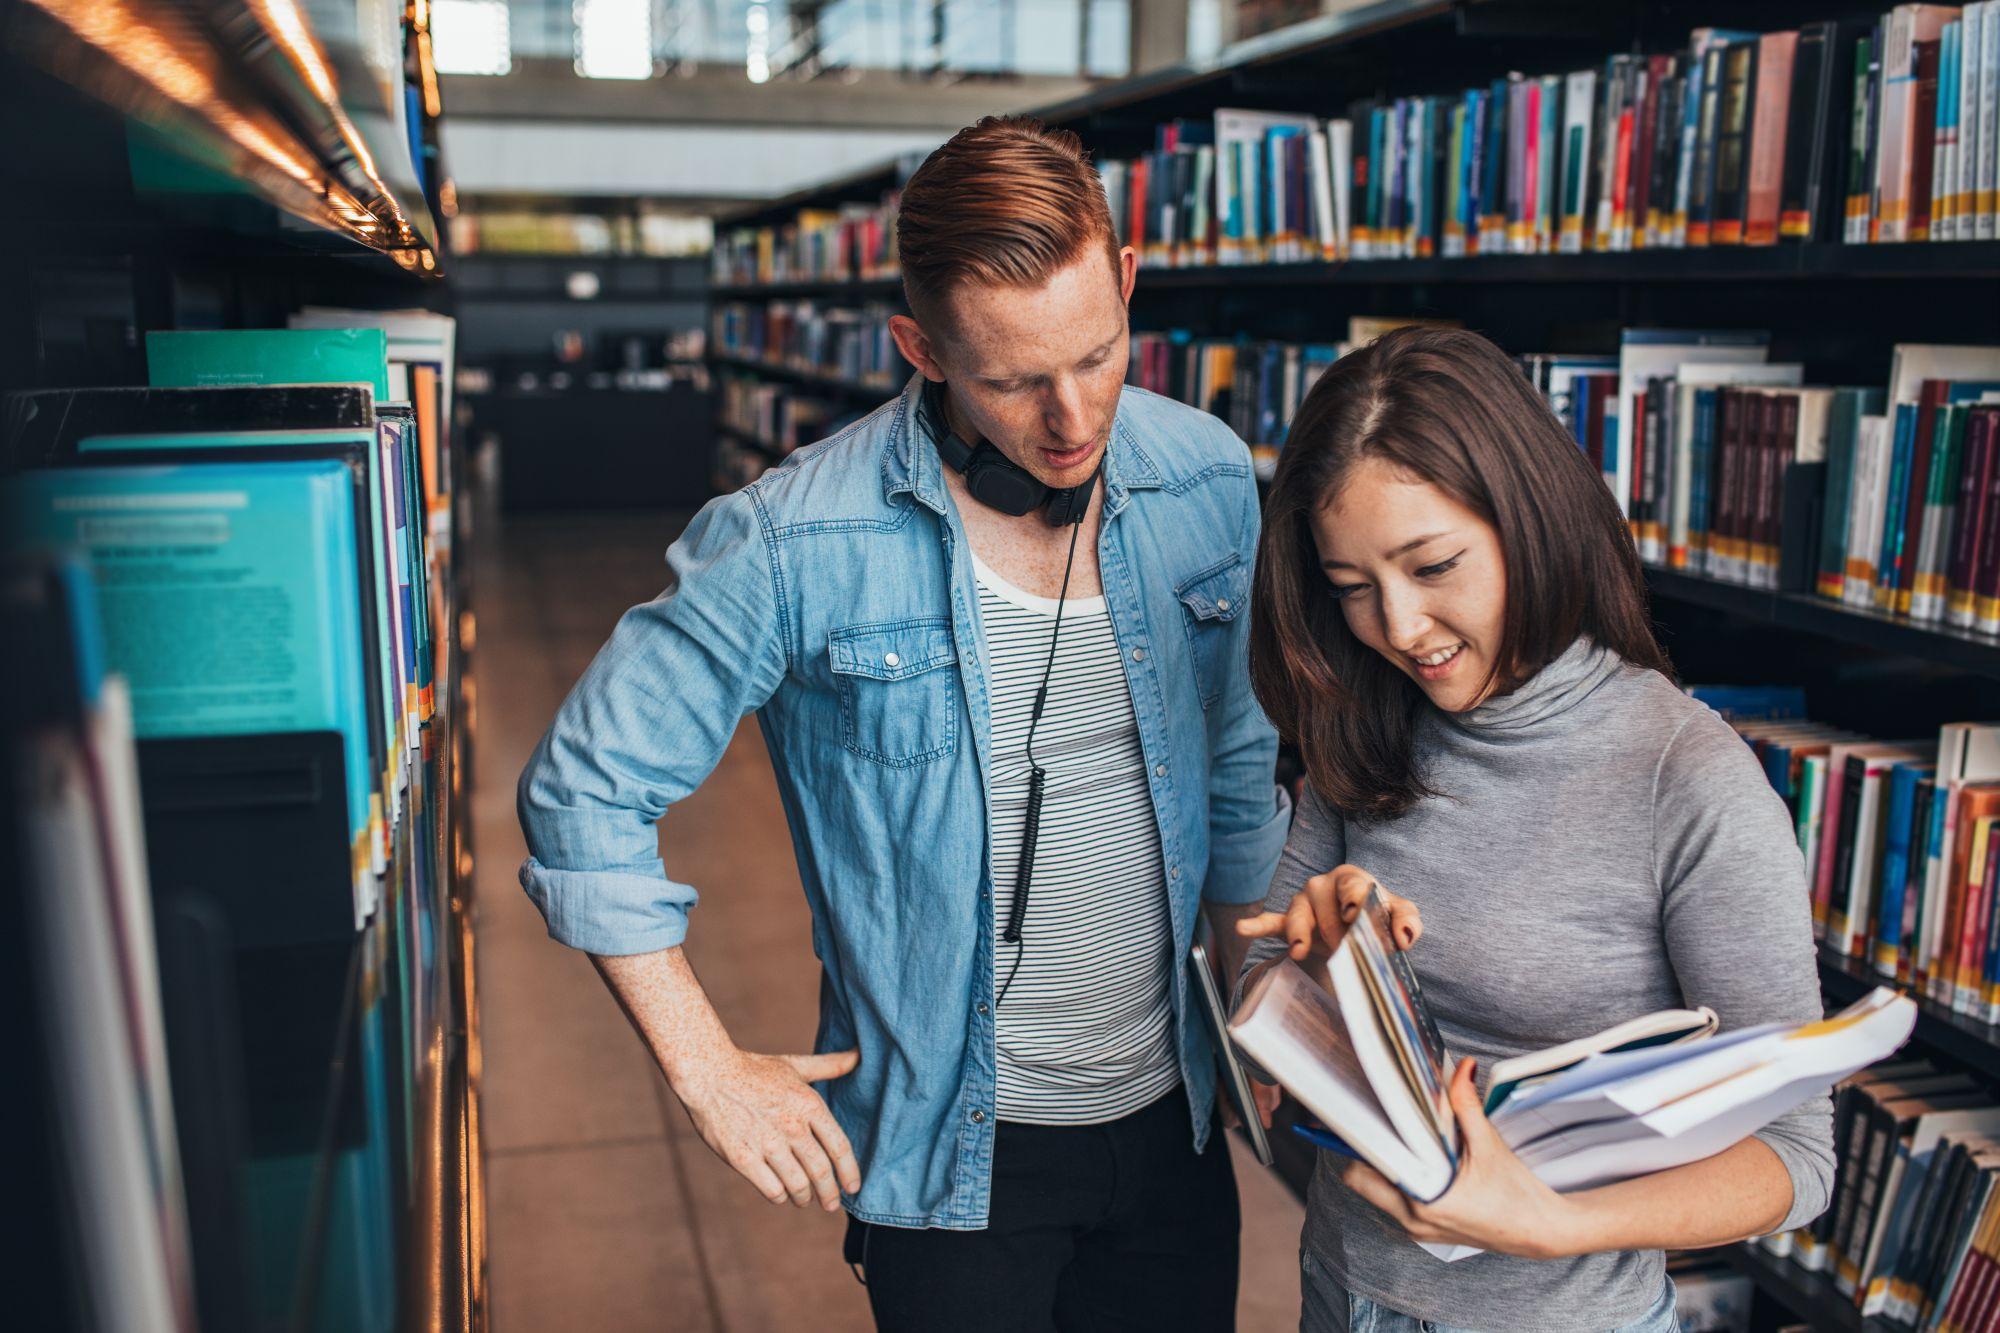 bibliolteka-dzień-ksiegarza-zaczytanyksiazkoholik.pl_.jpg